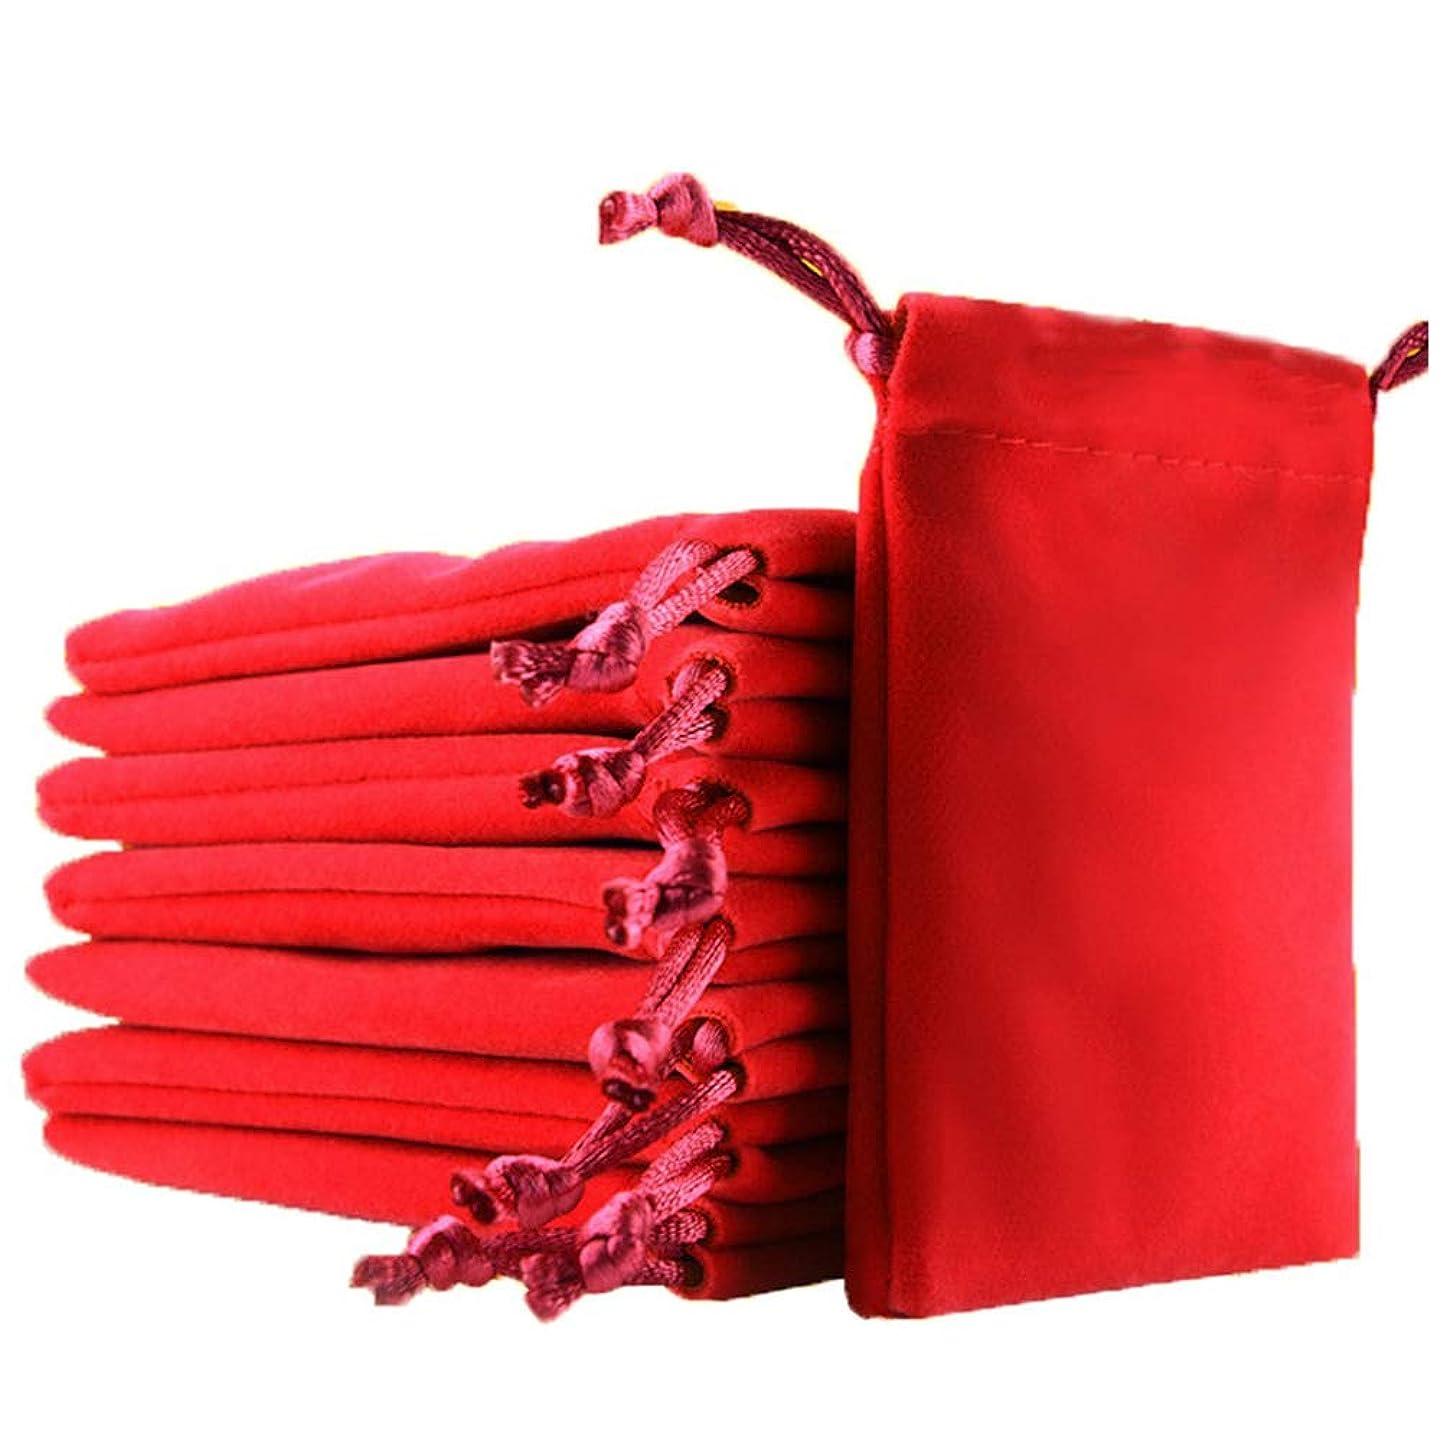 スパーク川弱めるジュエリーポーチ 巾着袋 小物 保存 ジュエリー ギフト収納 10枚セット ベロア プレゼント用ポーチ 小物入れ 柔らかい 洗える 保存袋 アクセサリー 携帯可能 (レッド, 12)